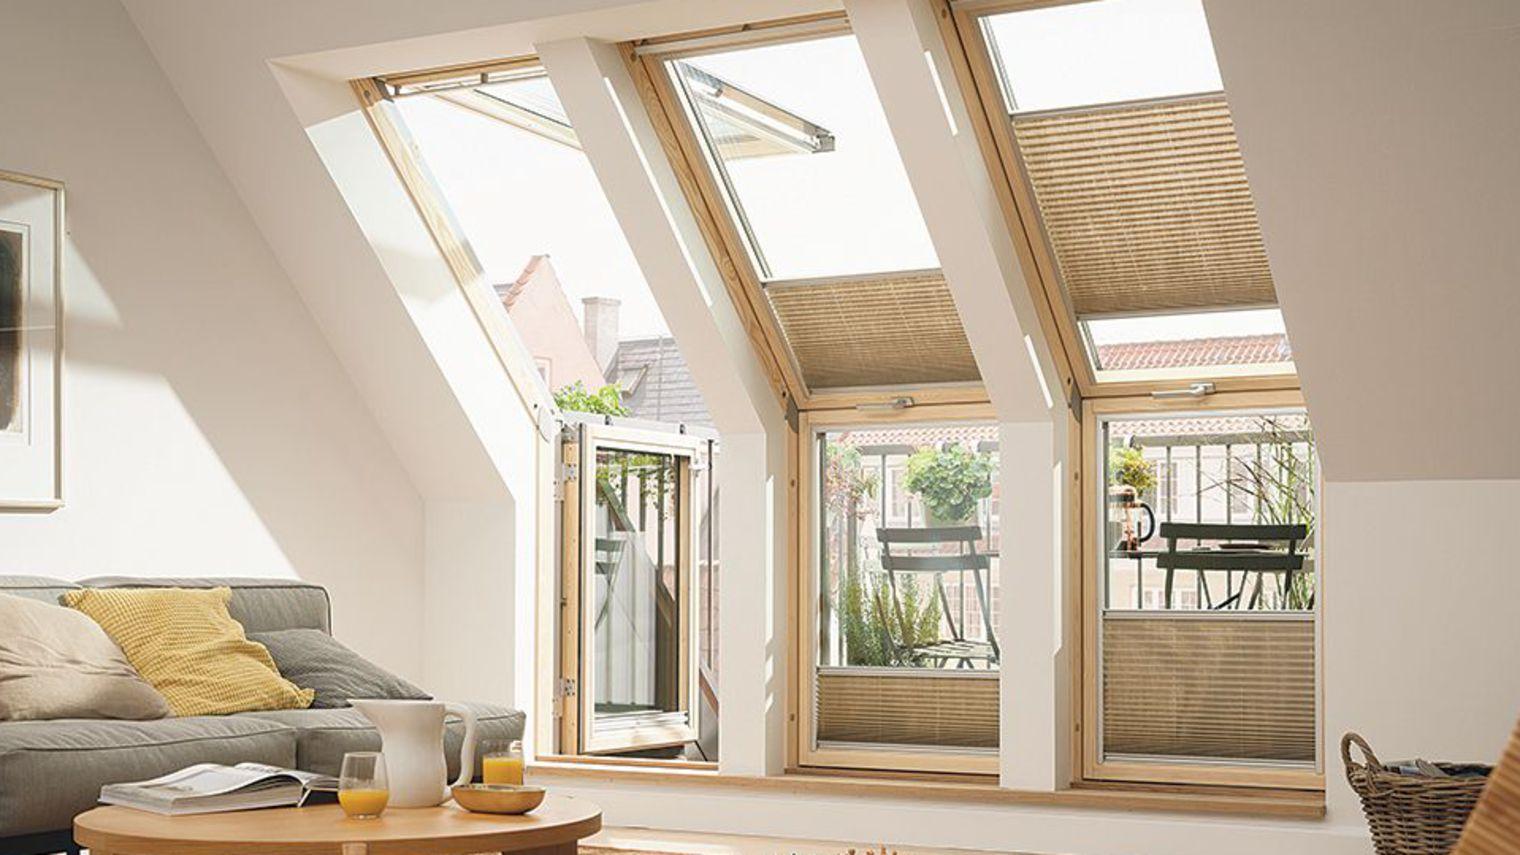 Les fen tres de toit pour agrandir les combles - Pose fenetre de toit sans autorisation ...